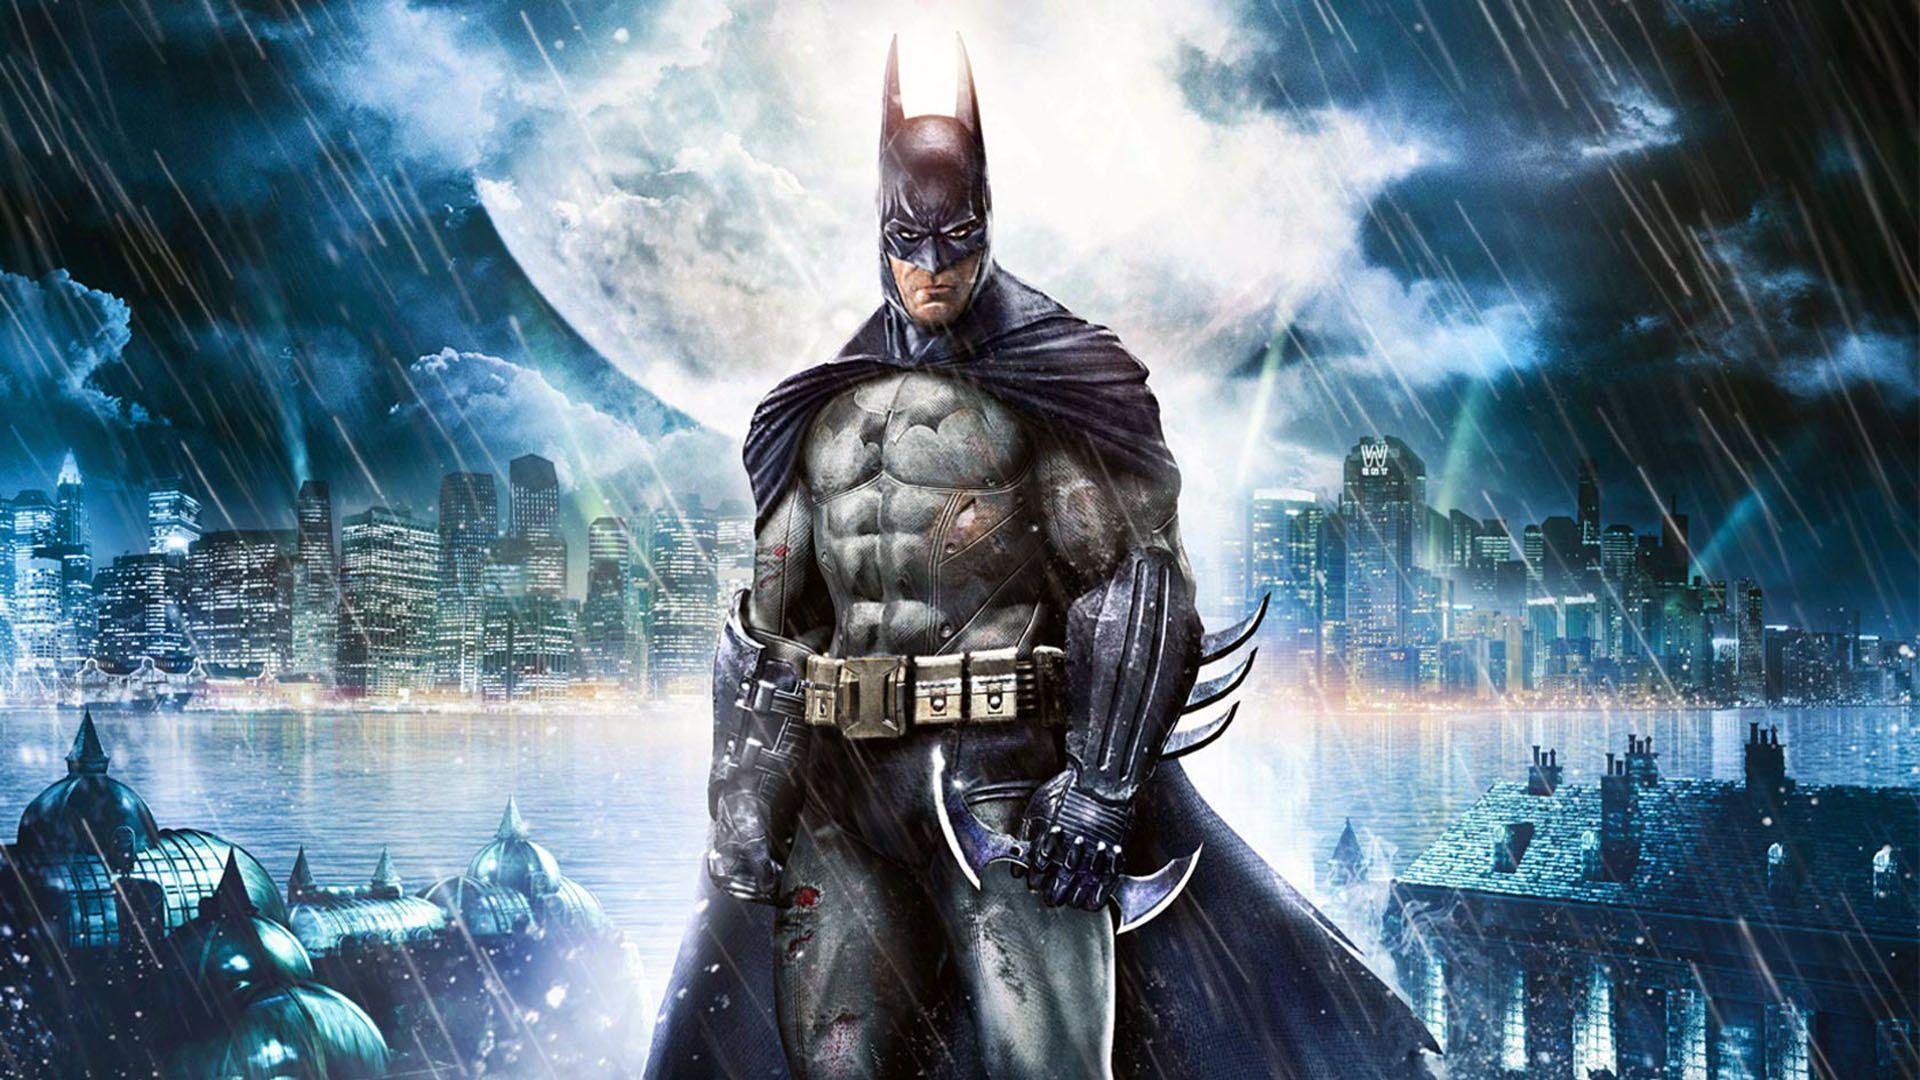 batman wallpaper 4k